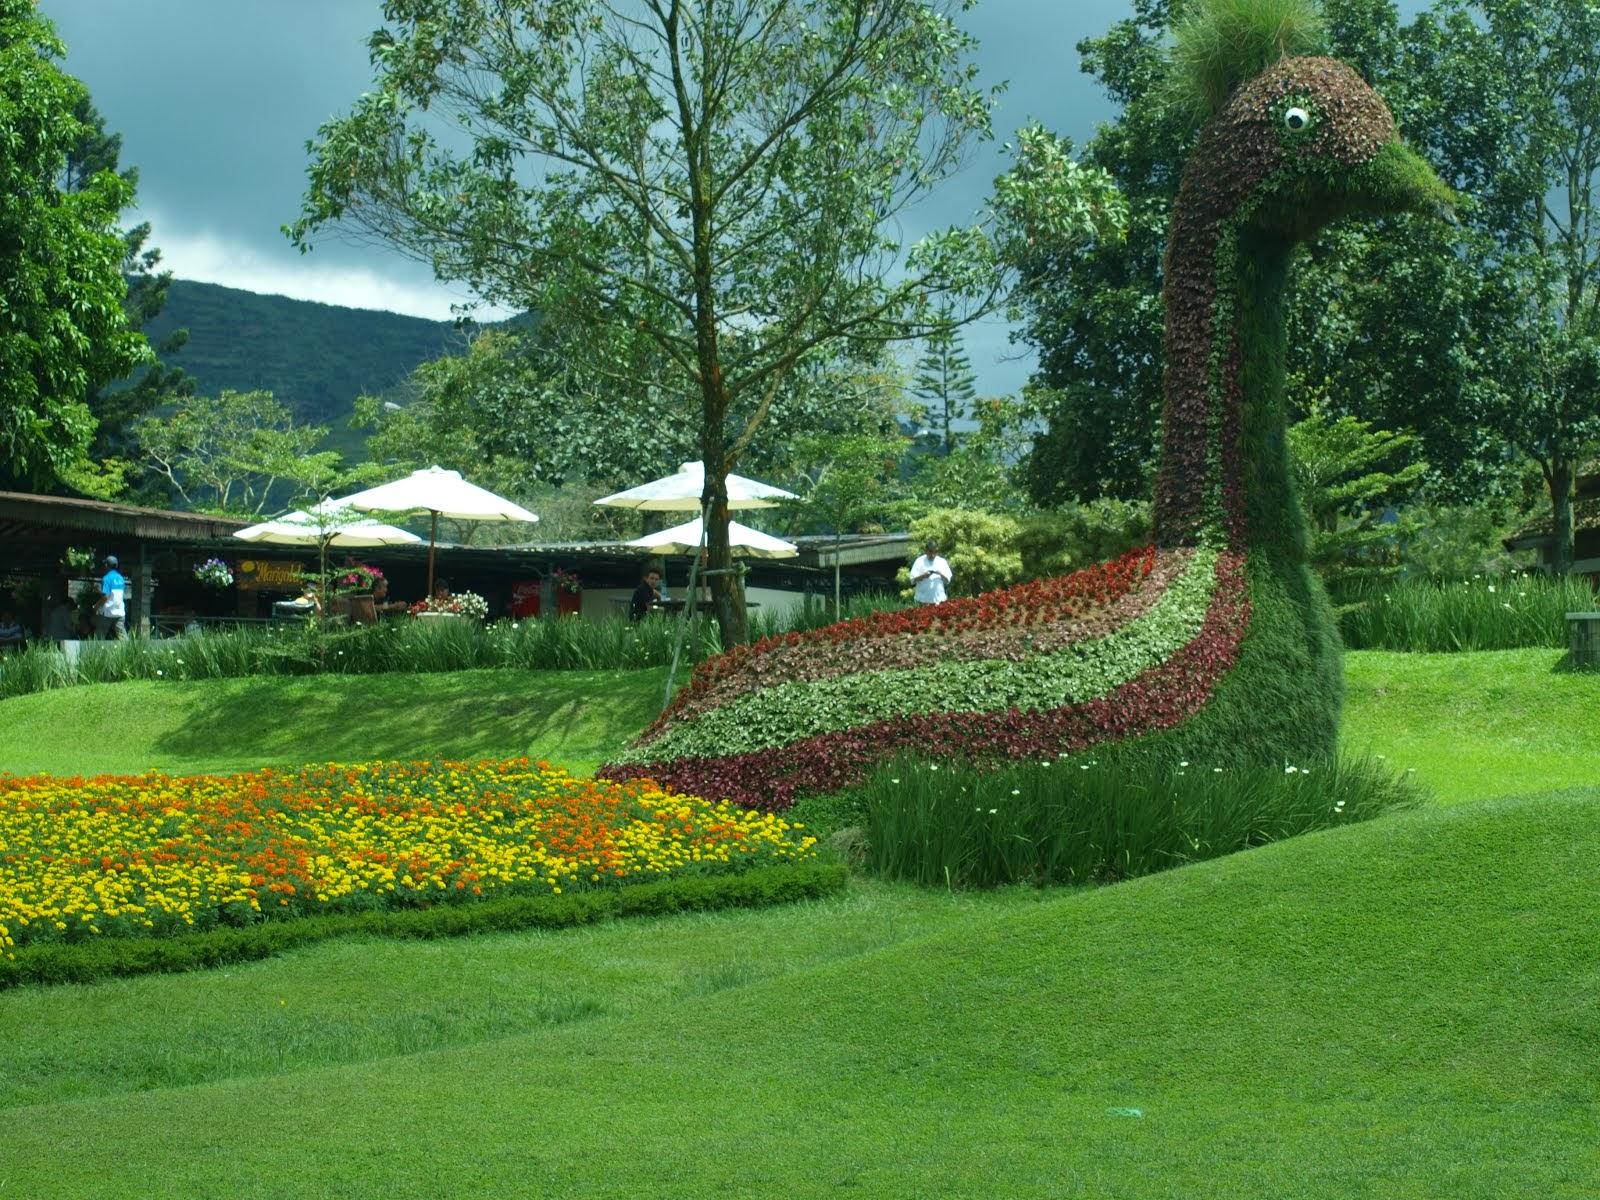 1001 gambar keren gambar taman bunga